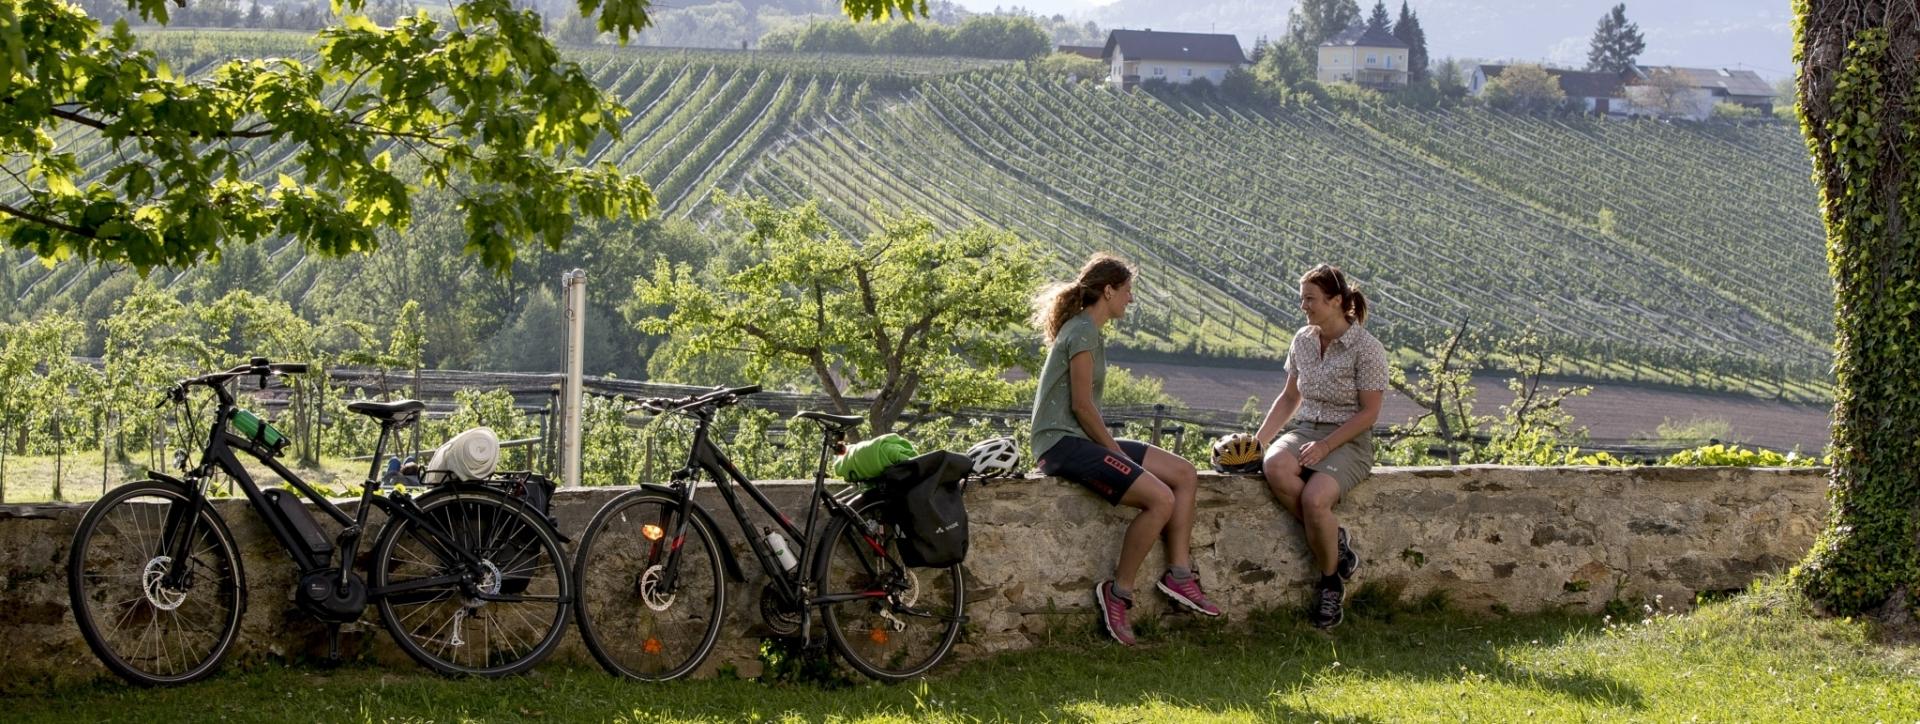 Weinland Steiermark Radtour, Oststeiermark (c) Steiermark Tourismus_Tom Lamm